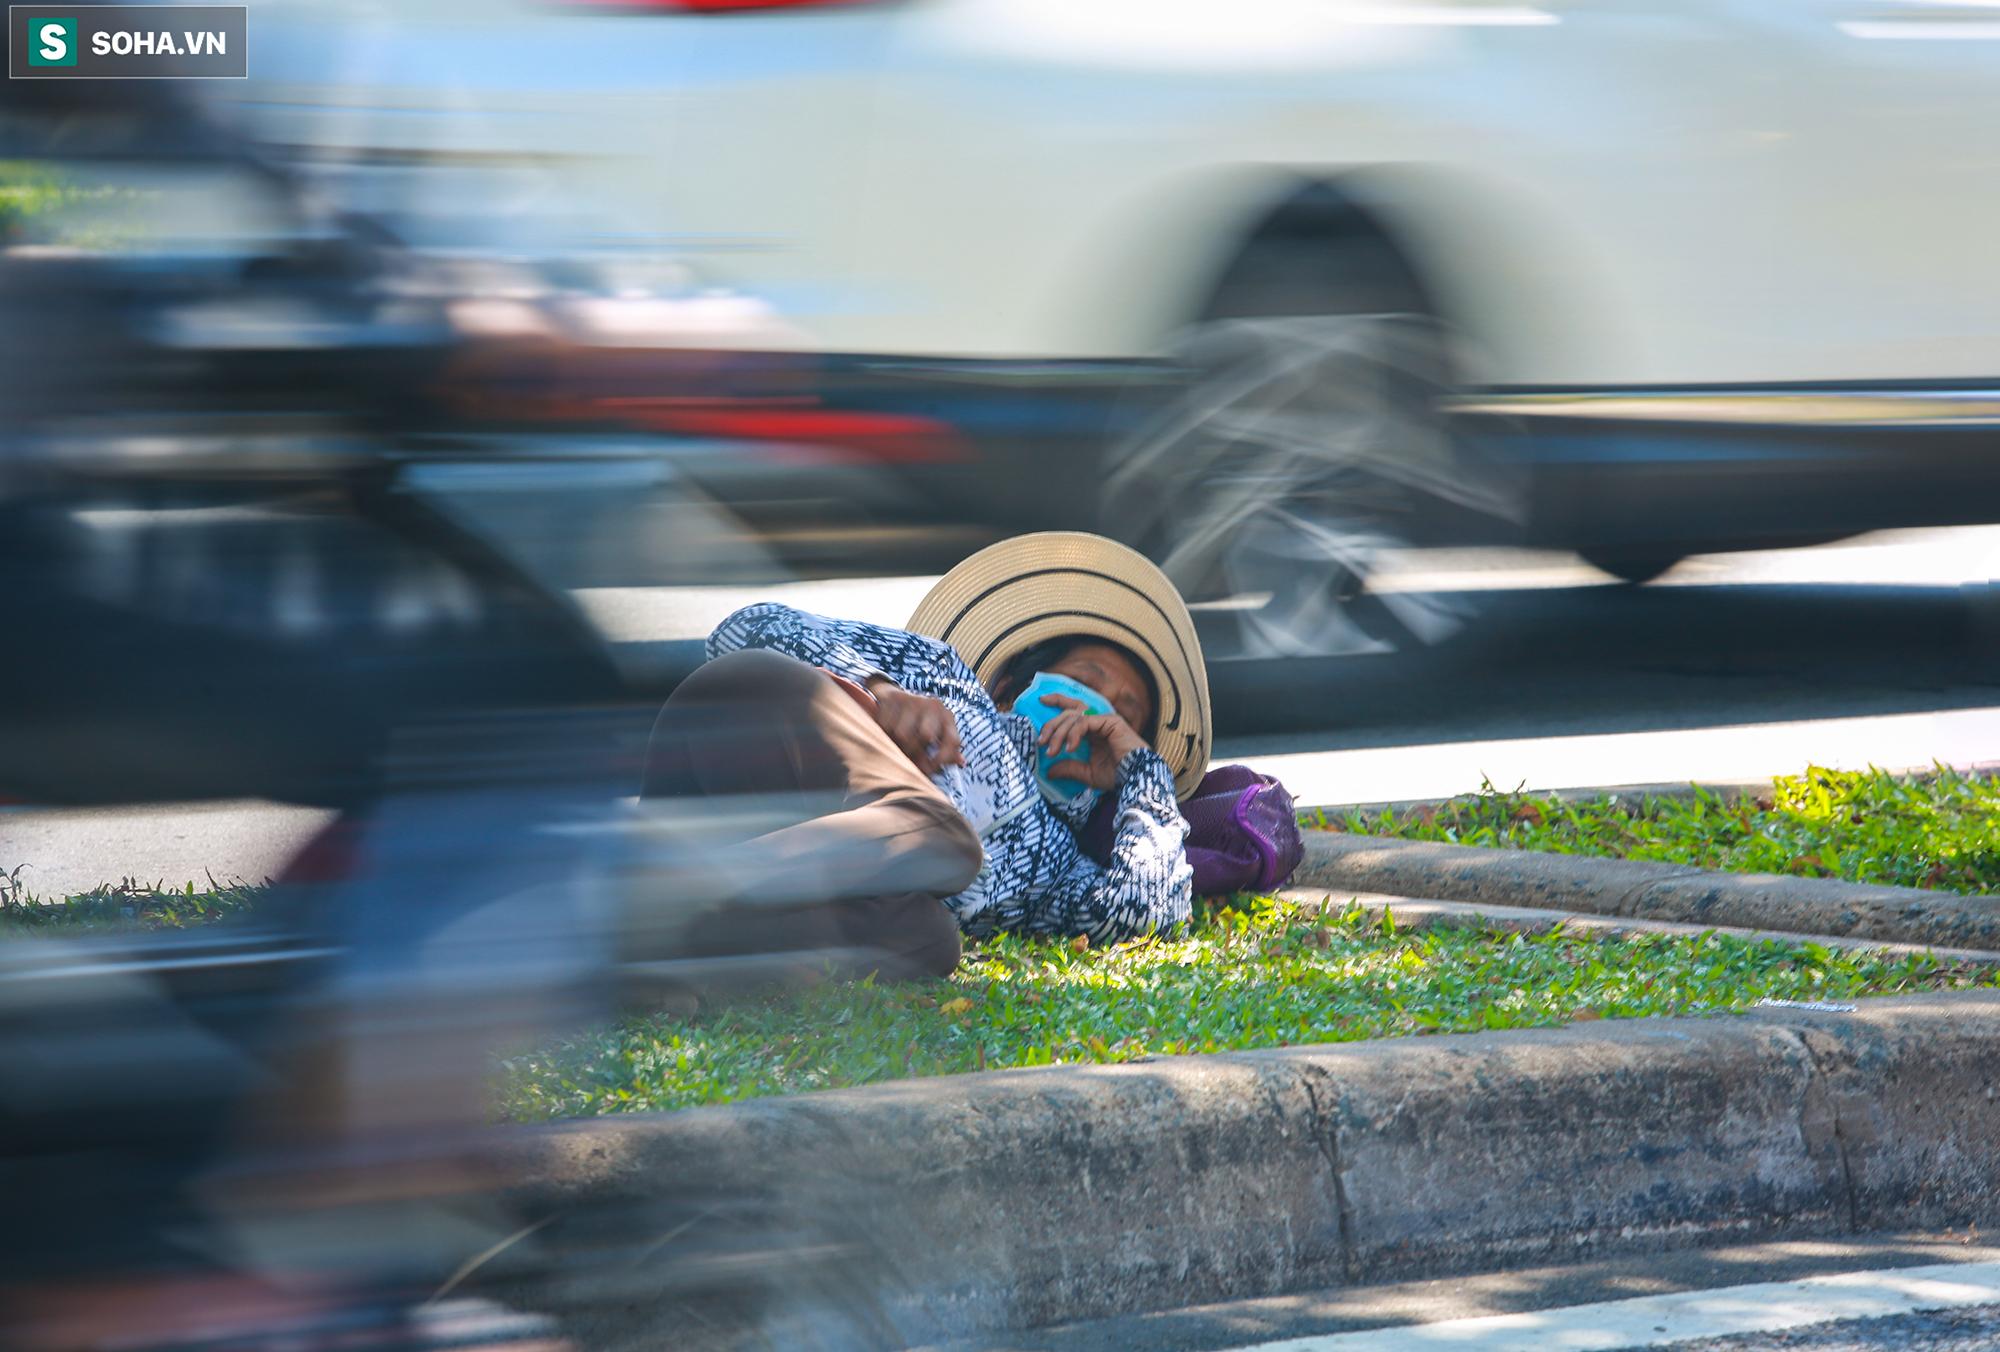 [ẢNH] Đường Sài Gòn nóng như thiêu, người dân vật vã tránh nóng ở góc cây, gầm cầu - Ảnh 11.